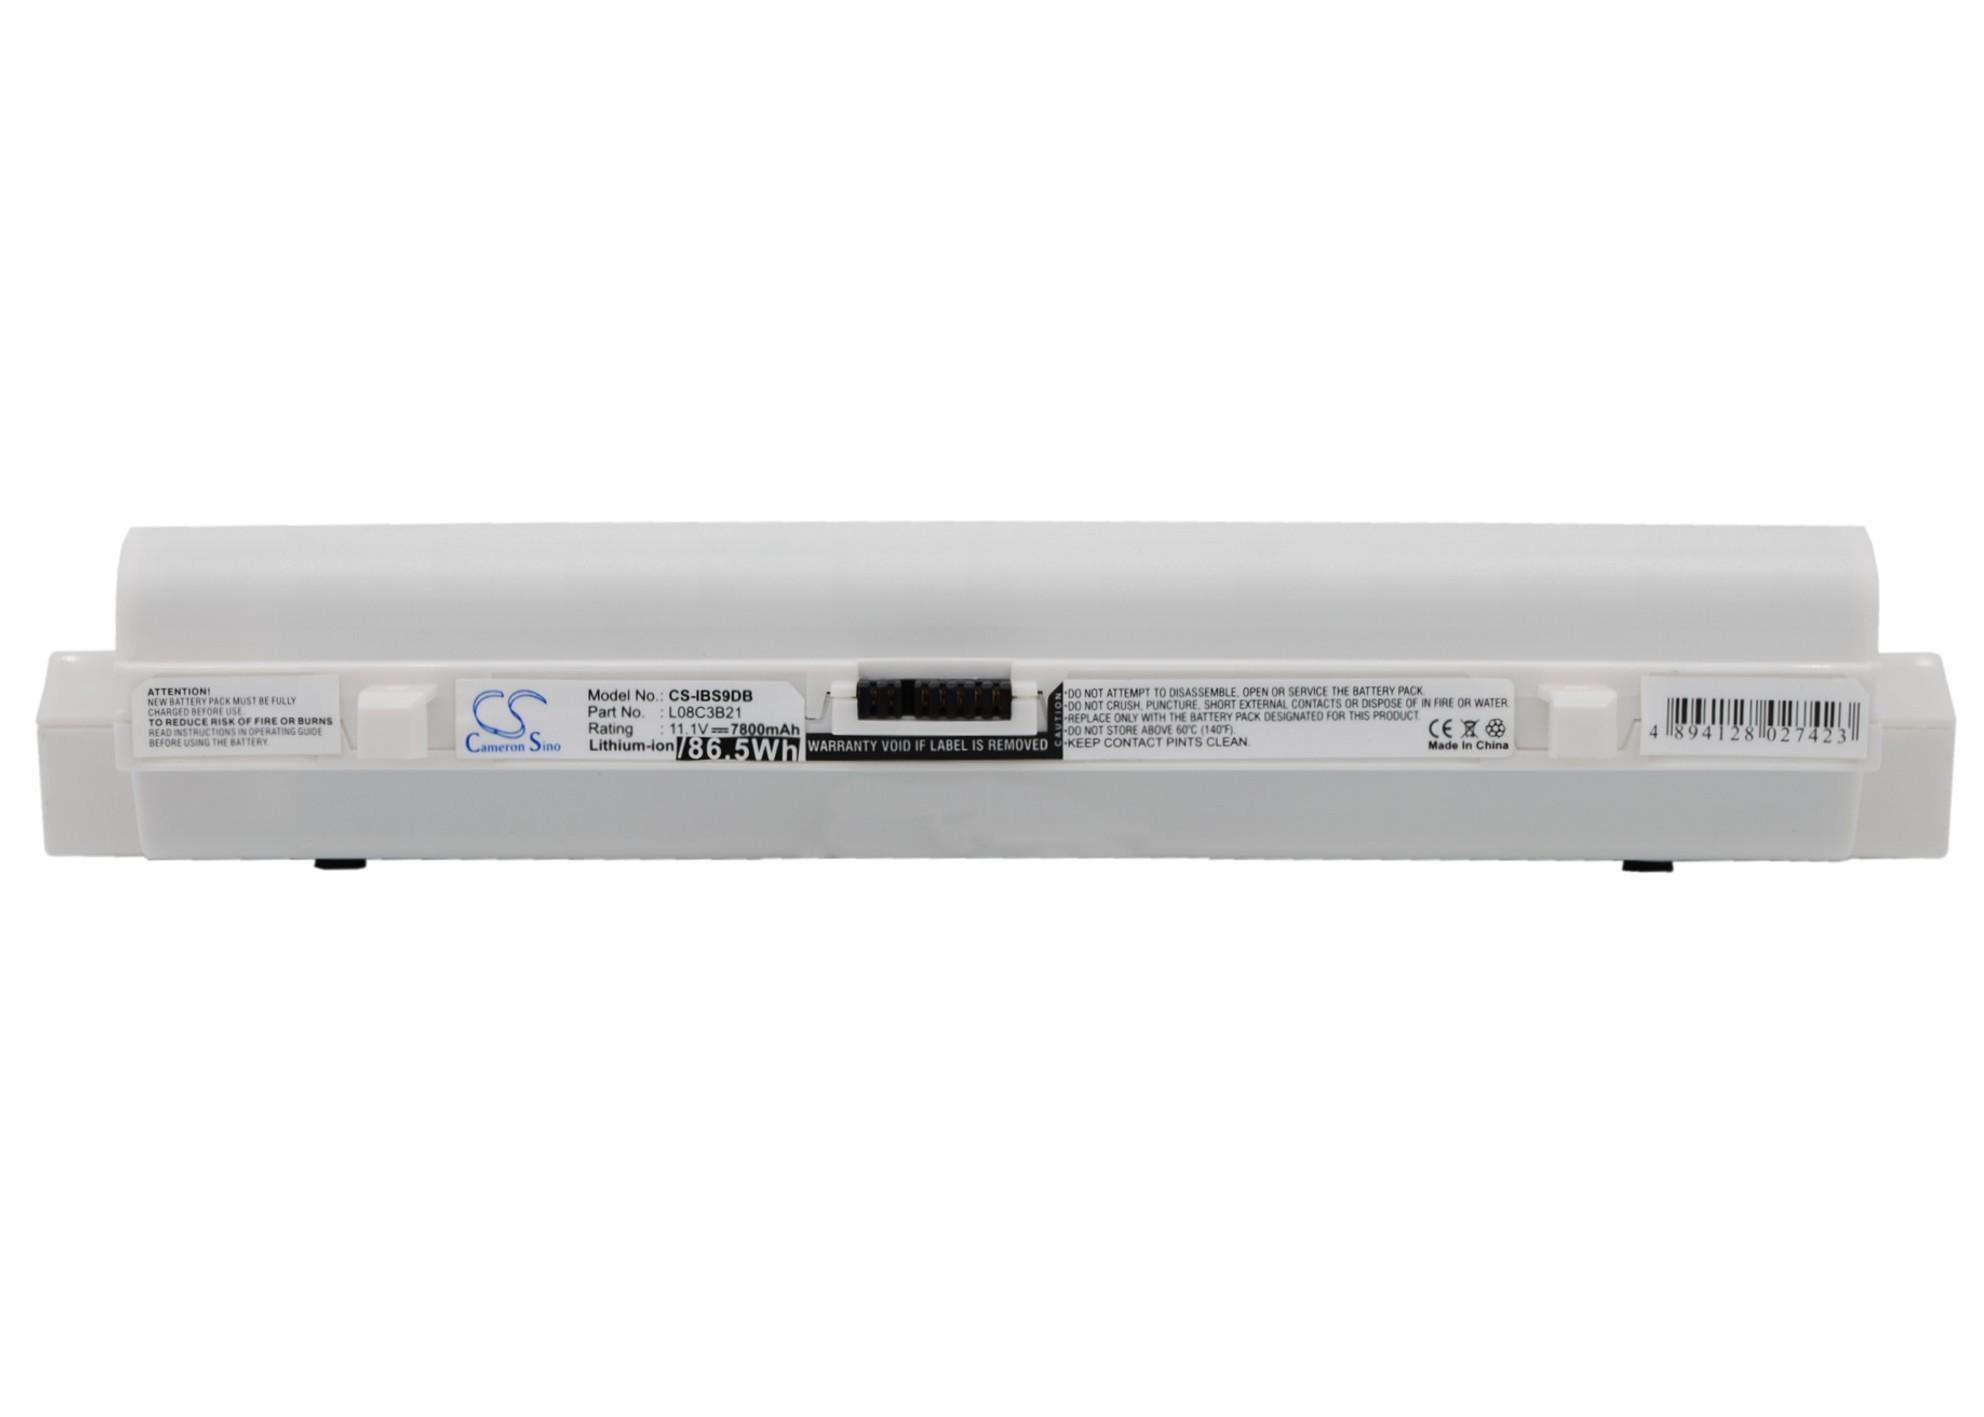 Cameron Sino baterie do notebooků pro LENOVO ideapad S10 11.1V Li-ion 7800mAh bílá - neoriginální